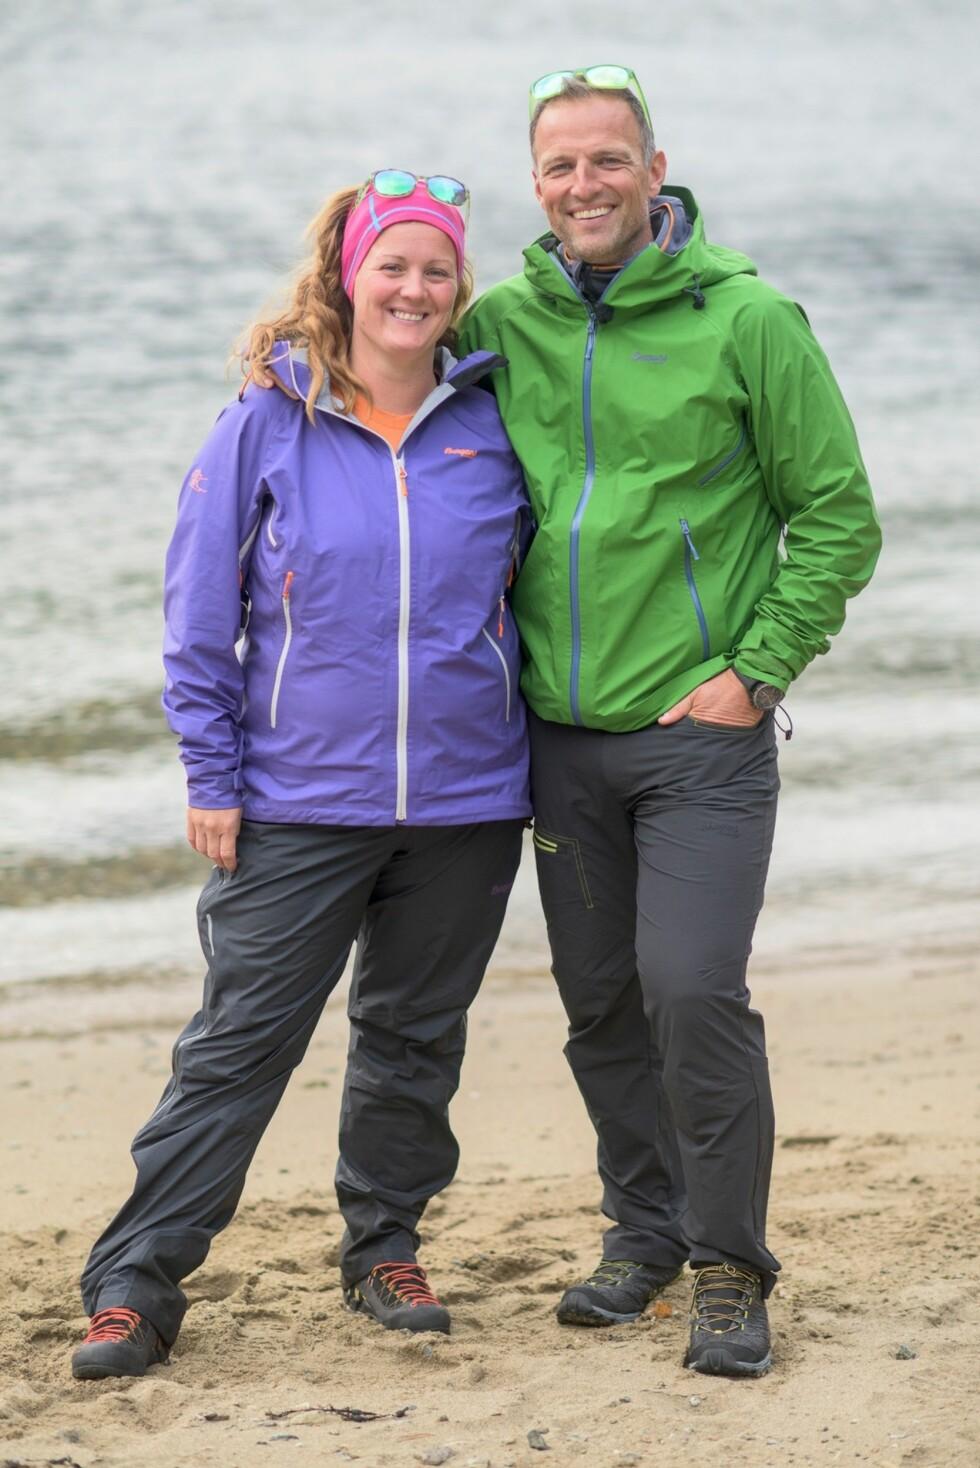 TRAKK SEG: De tøffe utfordringene i realityserien «71 grader nord» ble for krevende for Siri Kristiansen, og til slutt trakk hun seg fra innspillingen. Her poserer hun med programleder Tom Stiansen i forbindelse med programmet. Foto: TVNorge